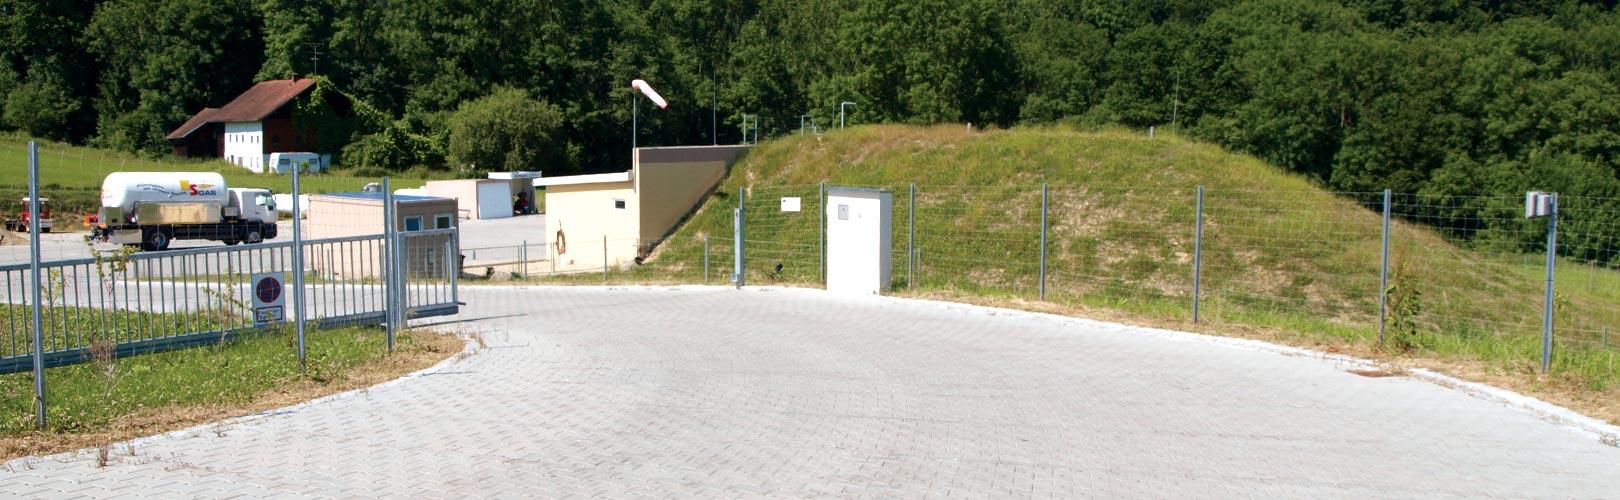 ksgas.de - Die Spezialisten rund um Flüssiggas und Autogas